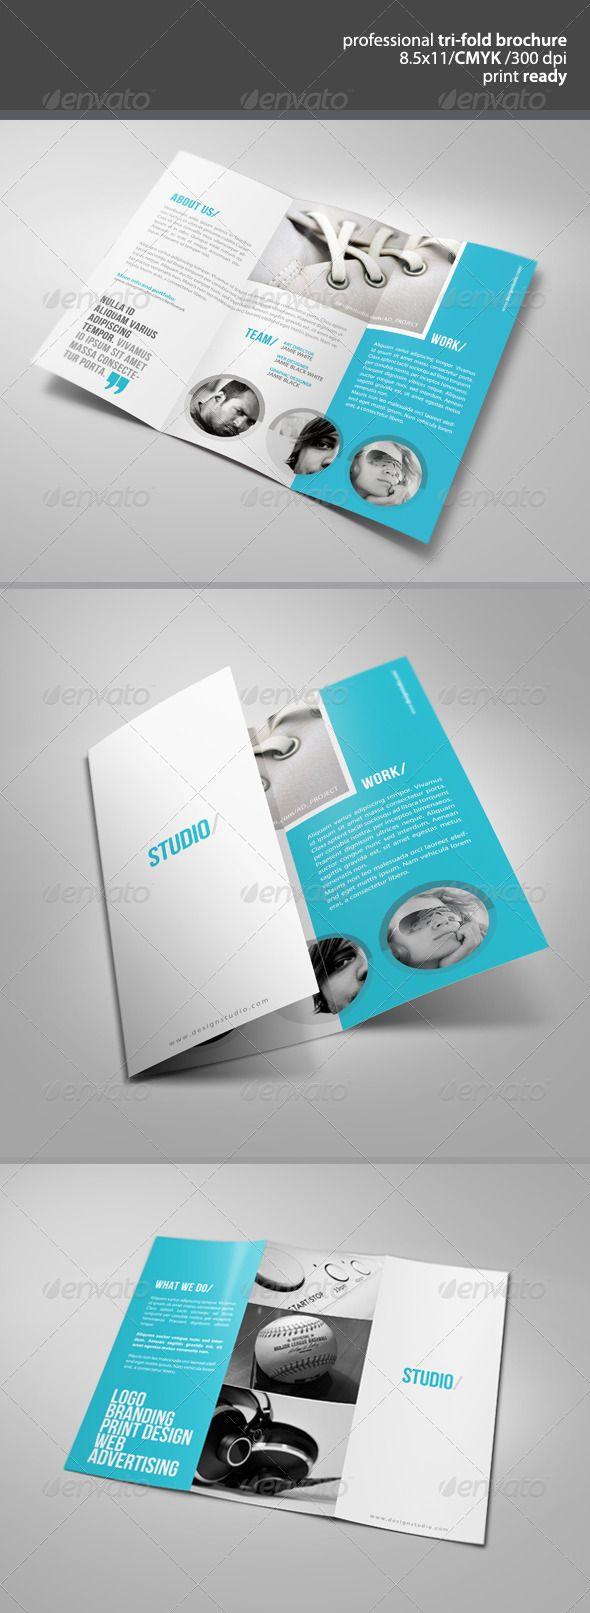 tri fold brochure design ideas